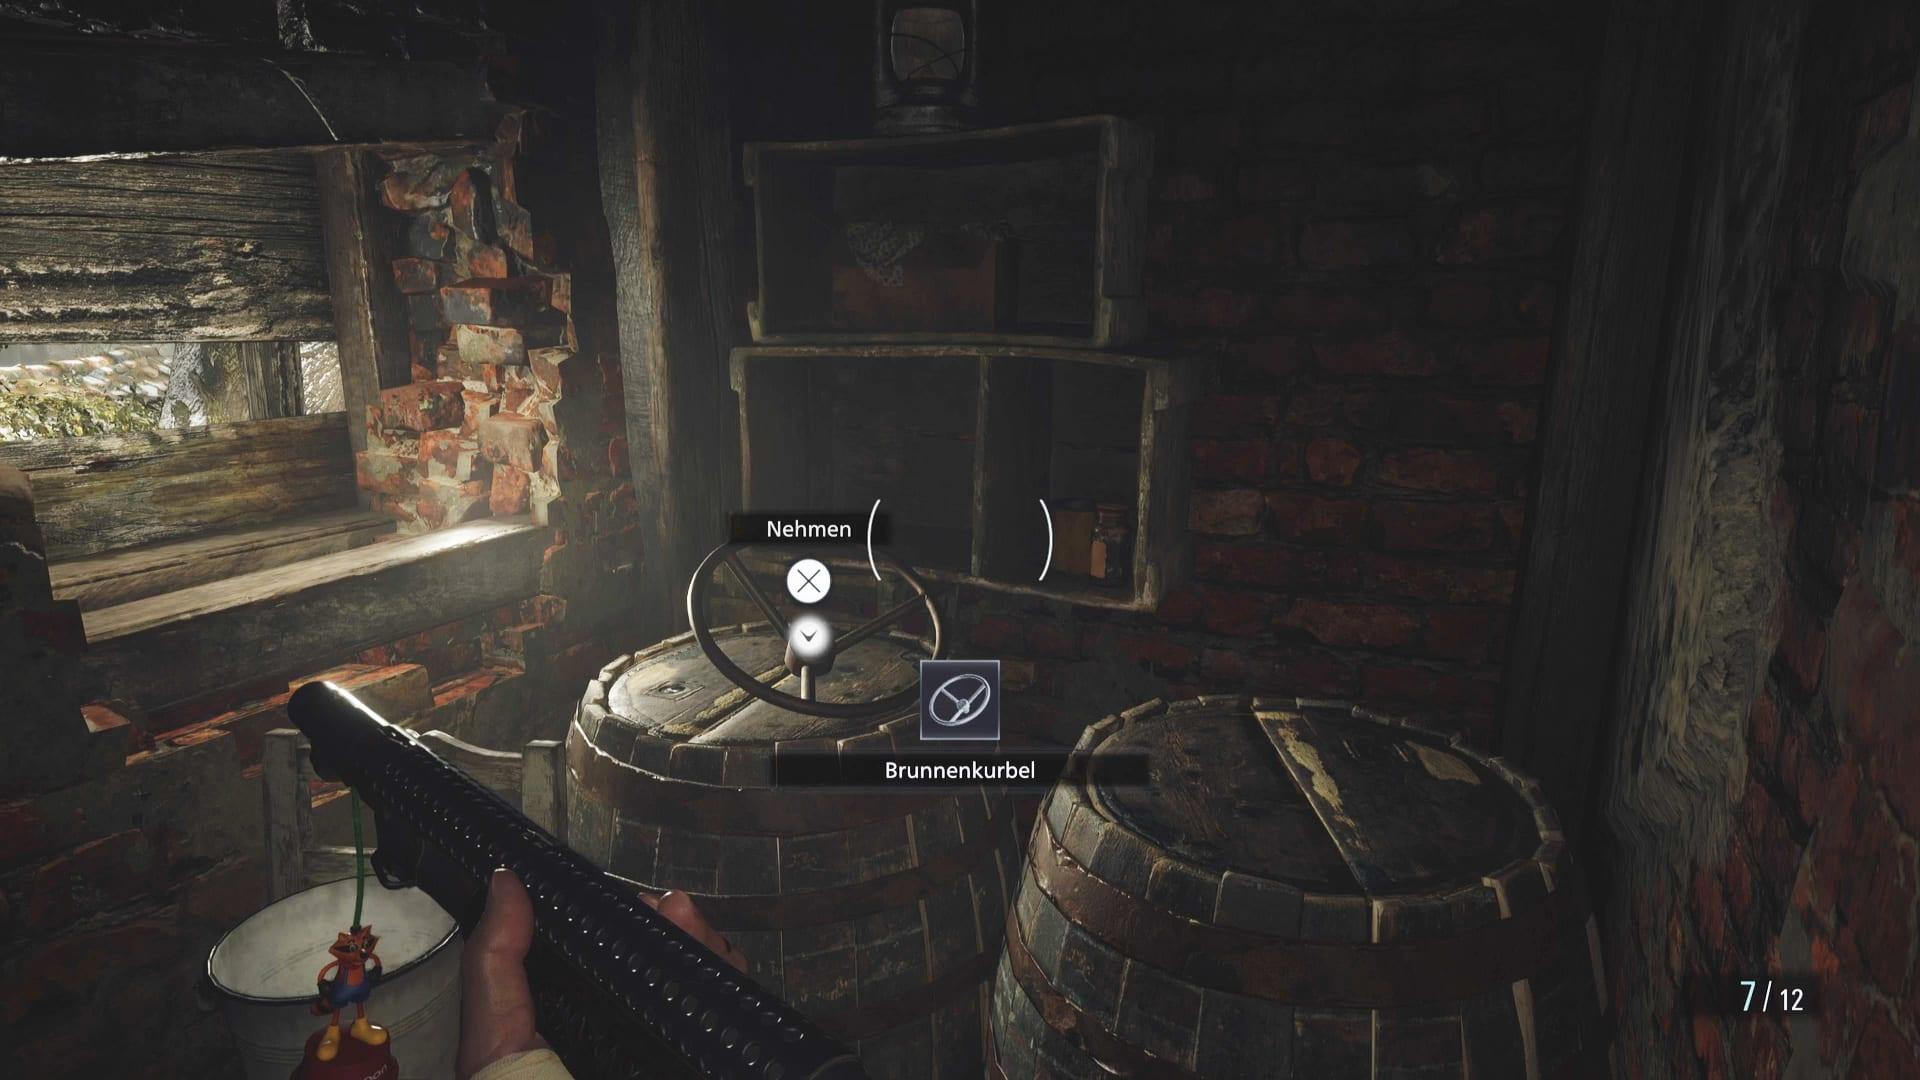 Emplacement de la manivelle du puits dans Resident Evil 8